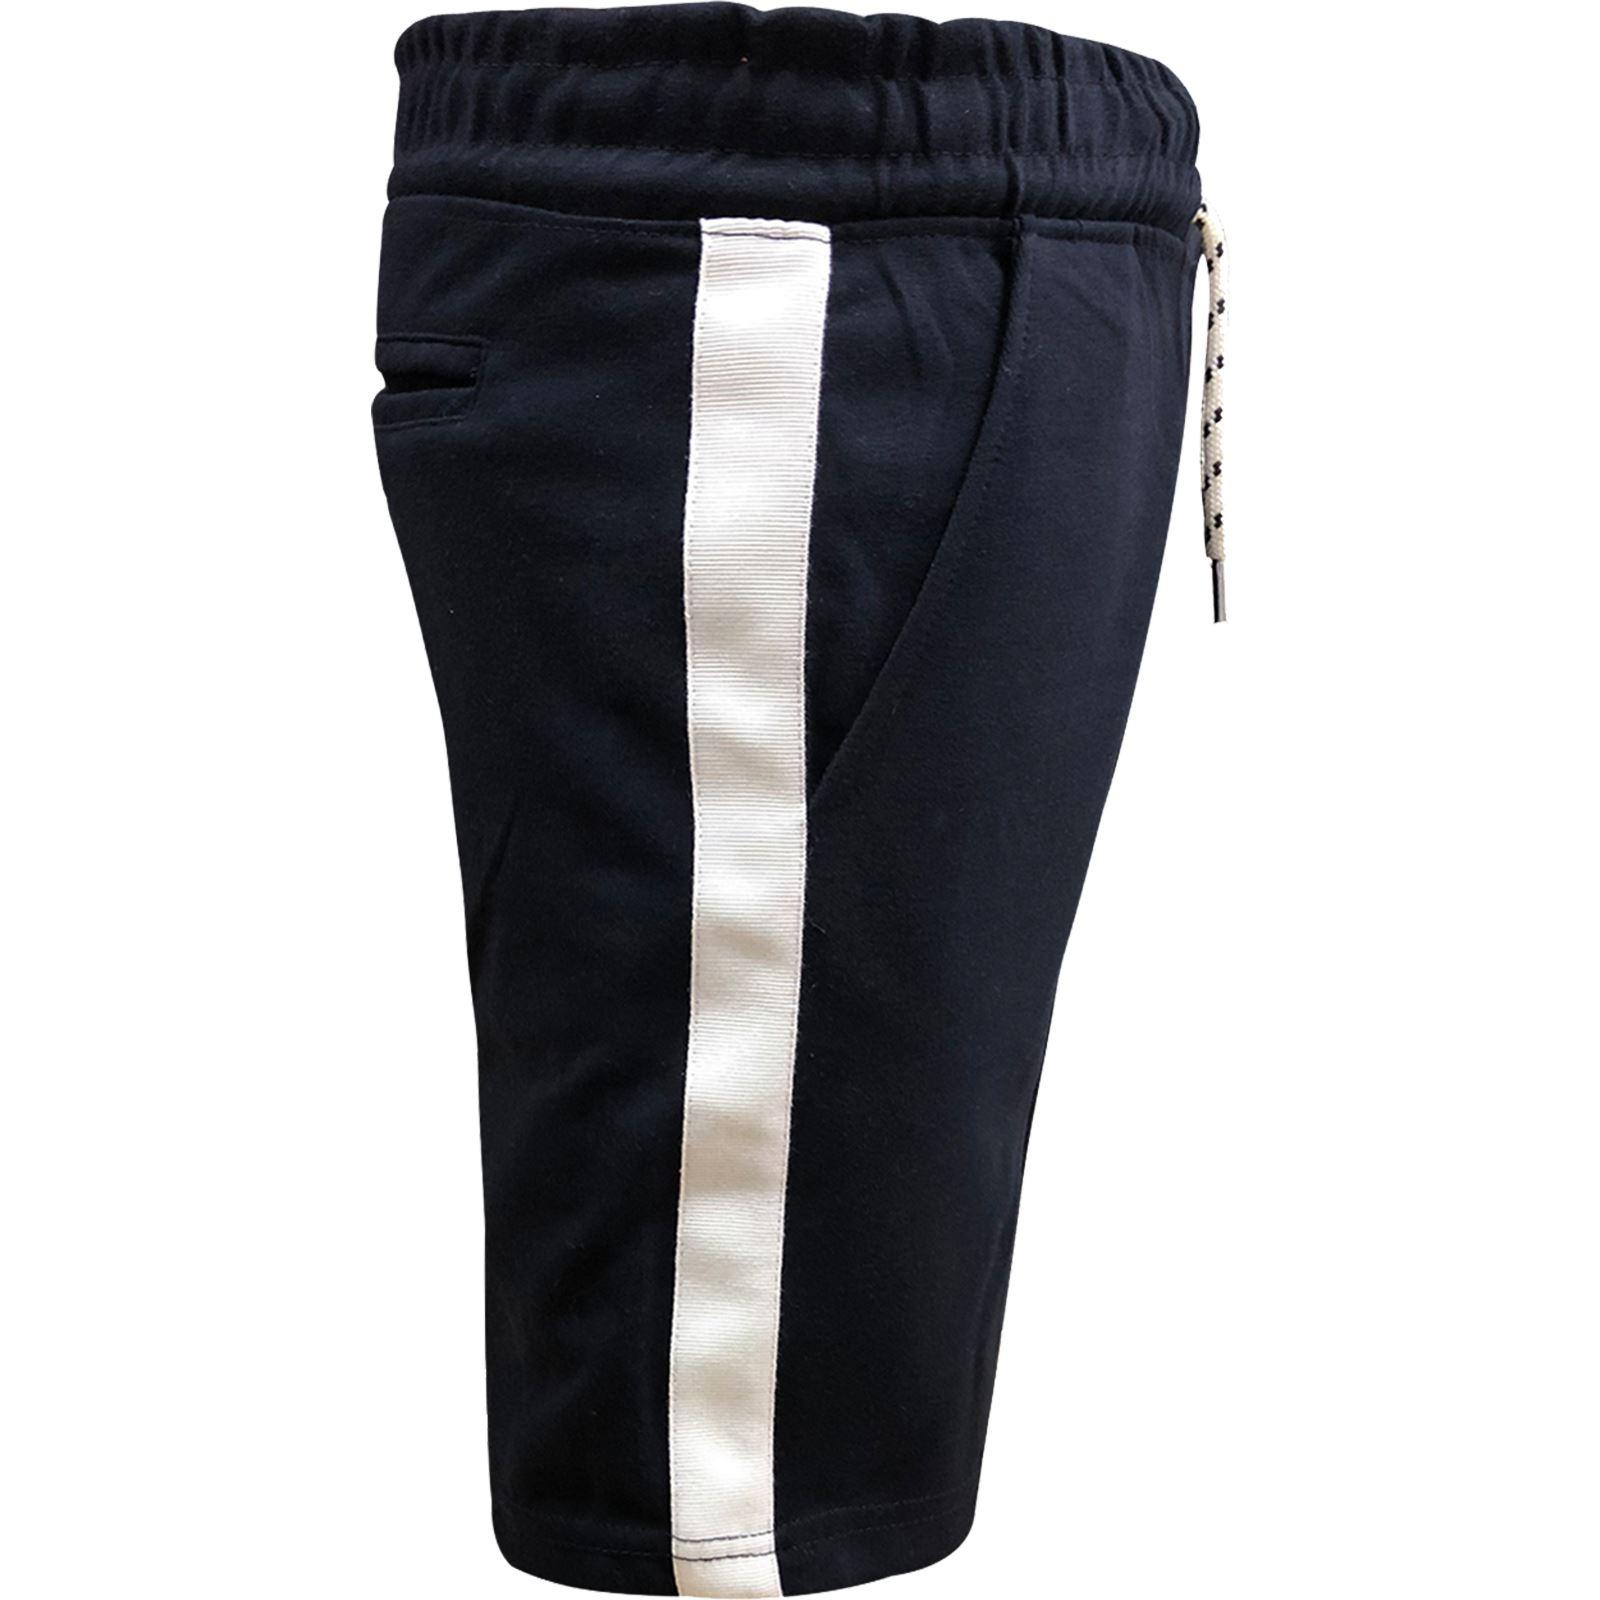 Pantaloncini da Uomo in Pile Pantaloni da palestra in esecuzione in jersey a righe estate Jogging Pantaloni metà